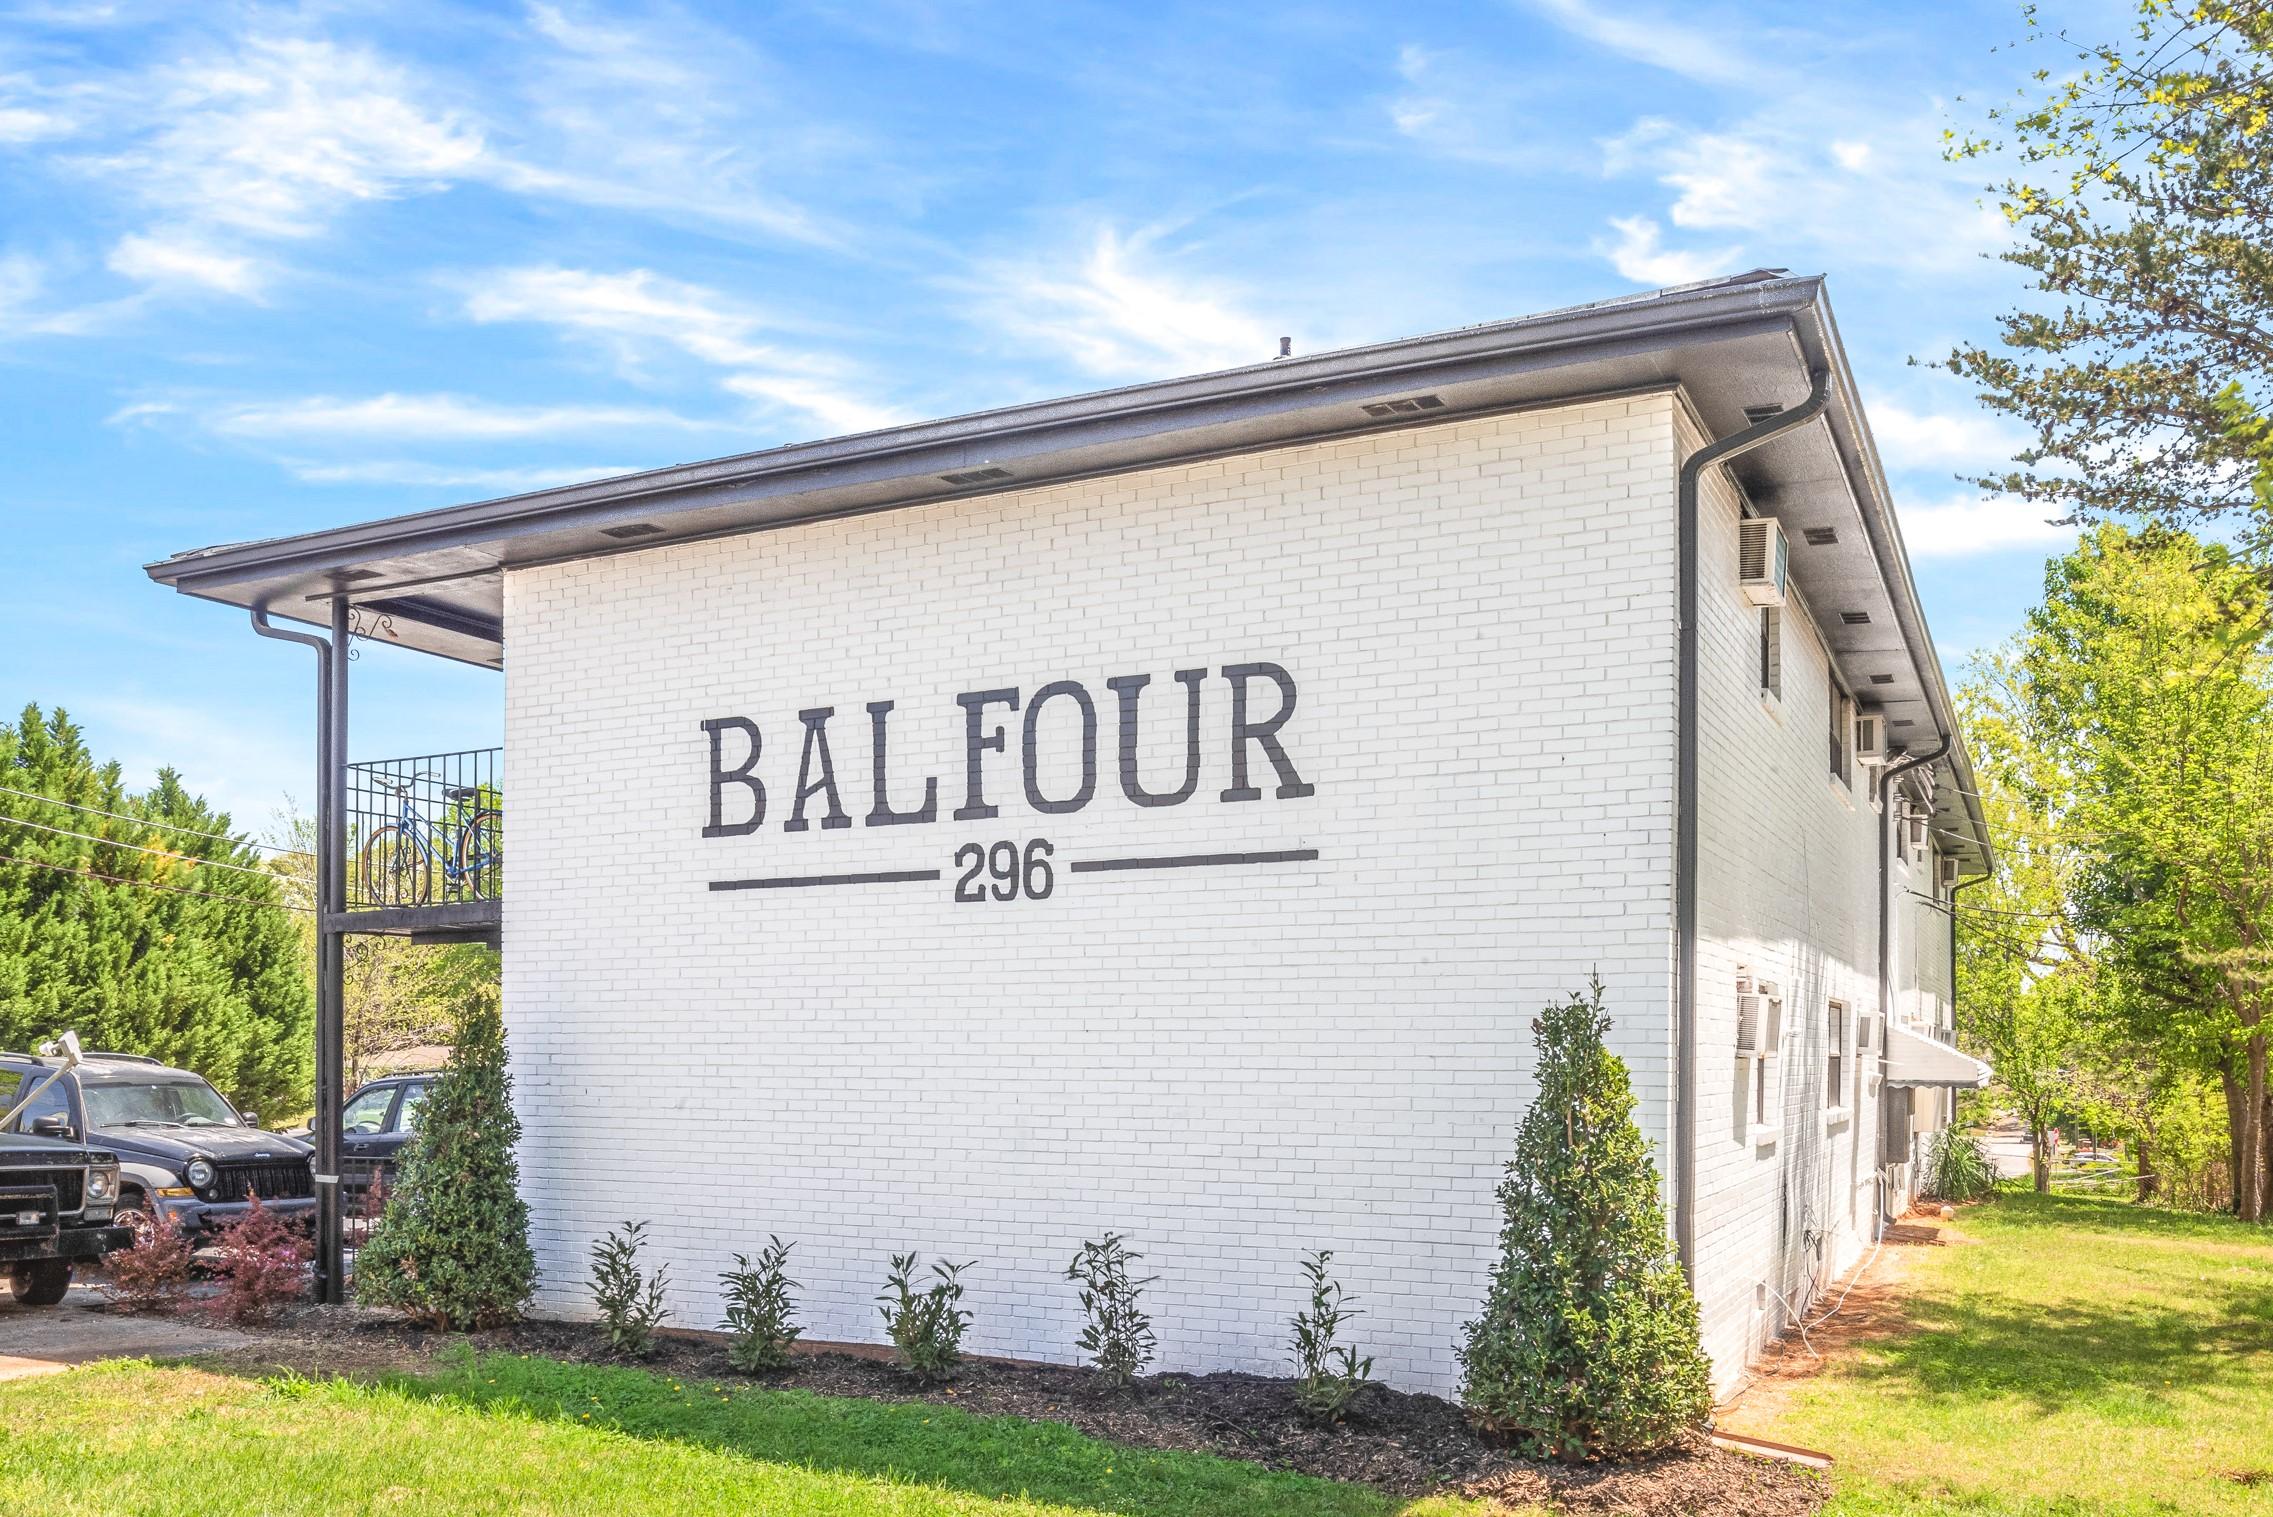 Balfour296Exterior-12